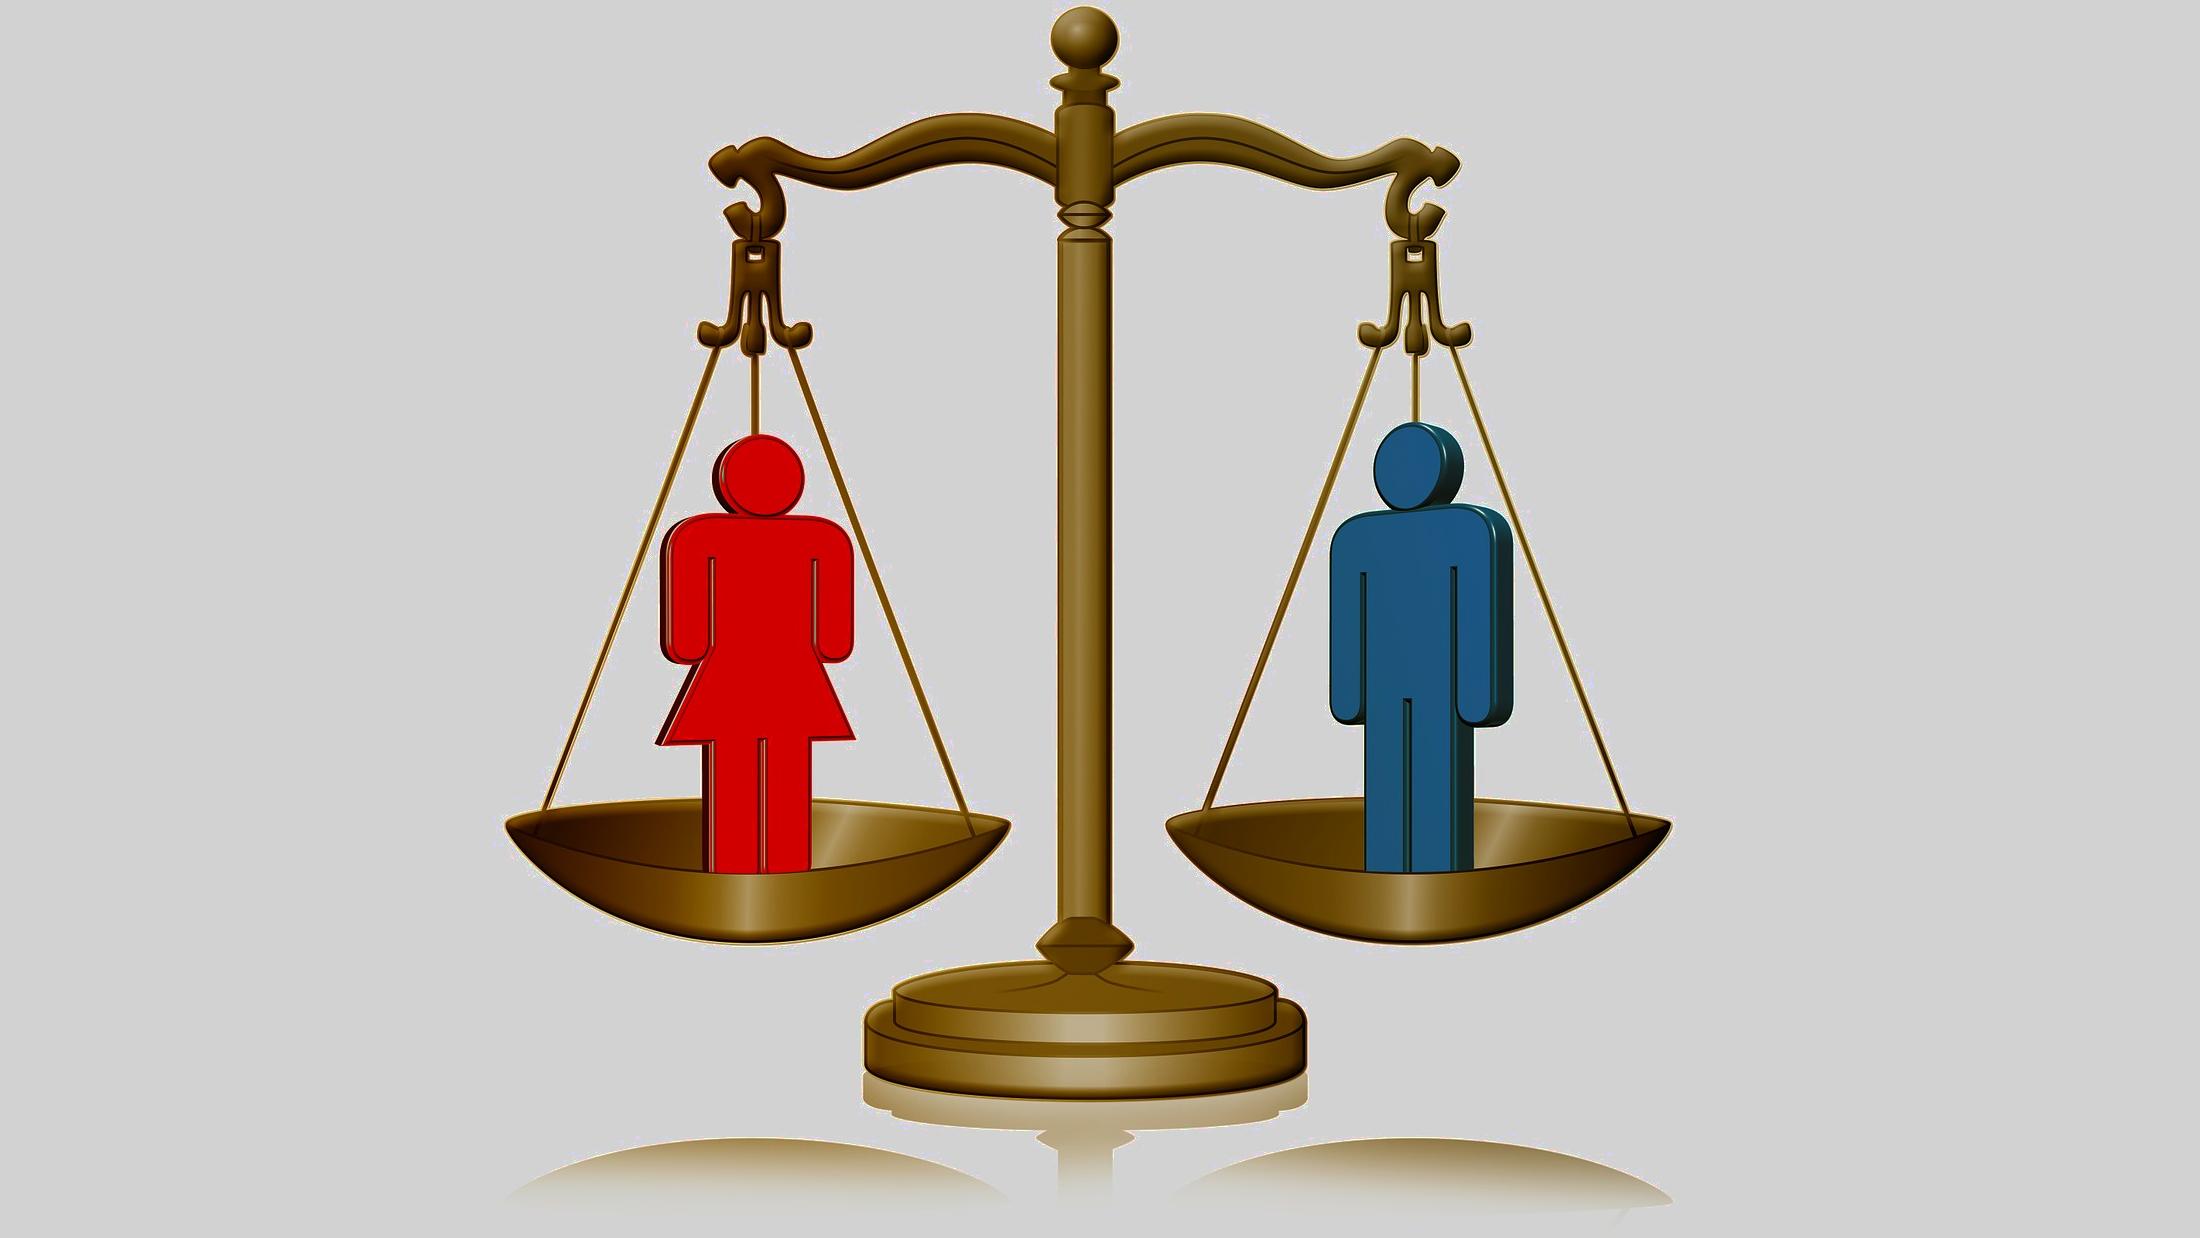 Gleichheit der Geschlechter in der Kirche wird gefordert. | © pixabay.com